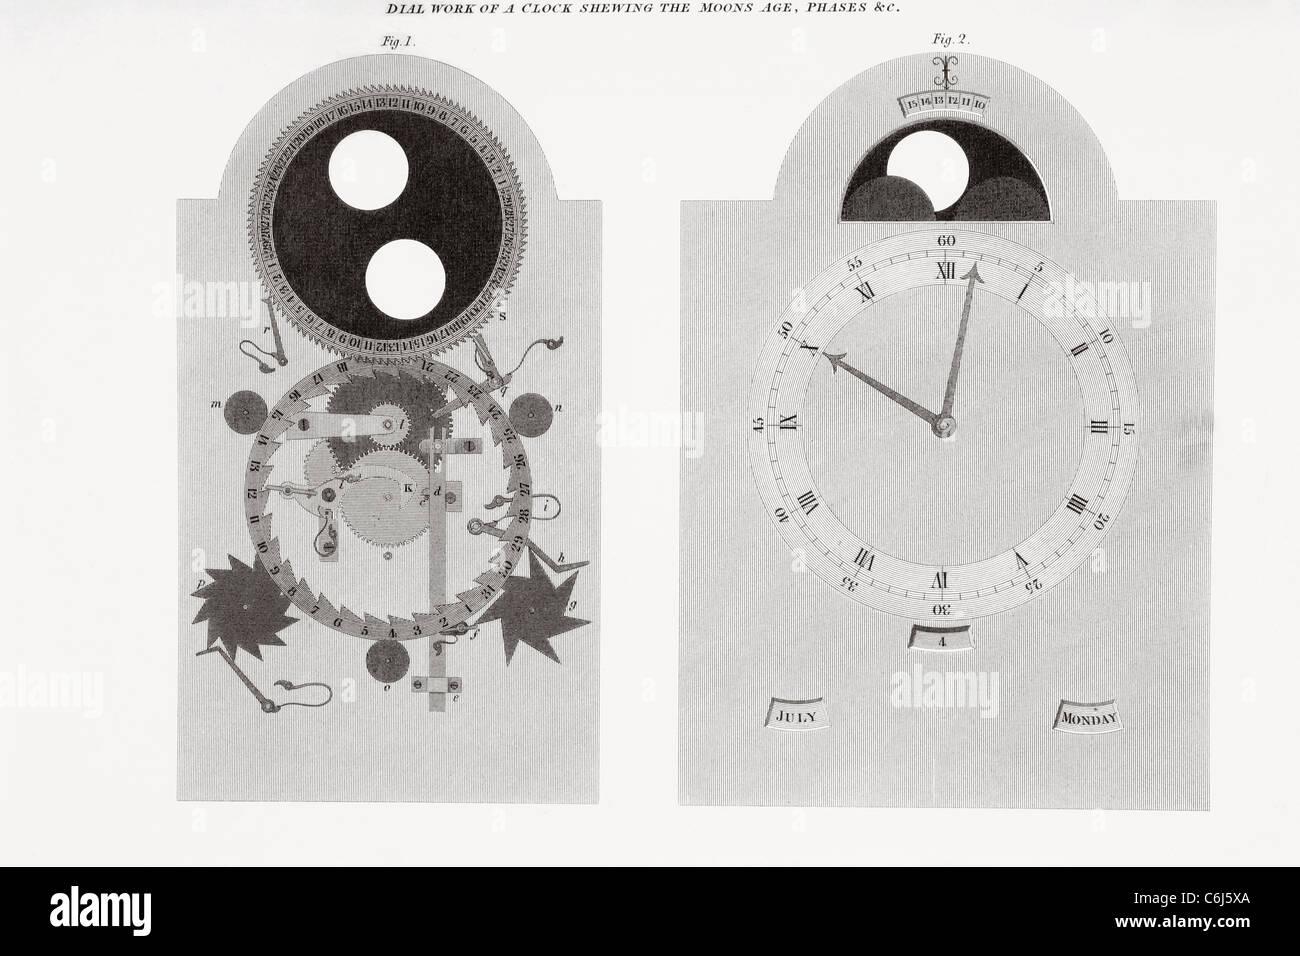 Wählen Sie Werk einer Uhr zeigt Mondalter, Phasen, etc.. Stockbild